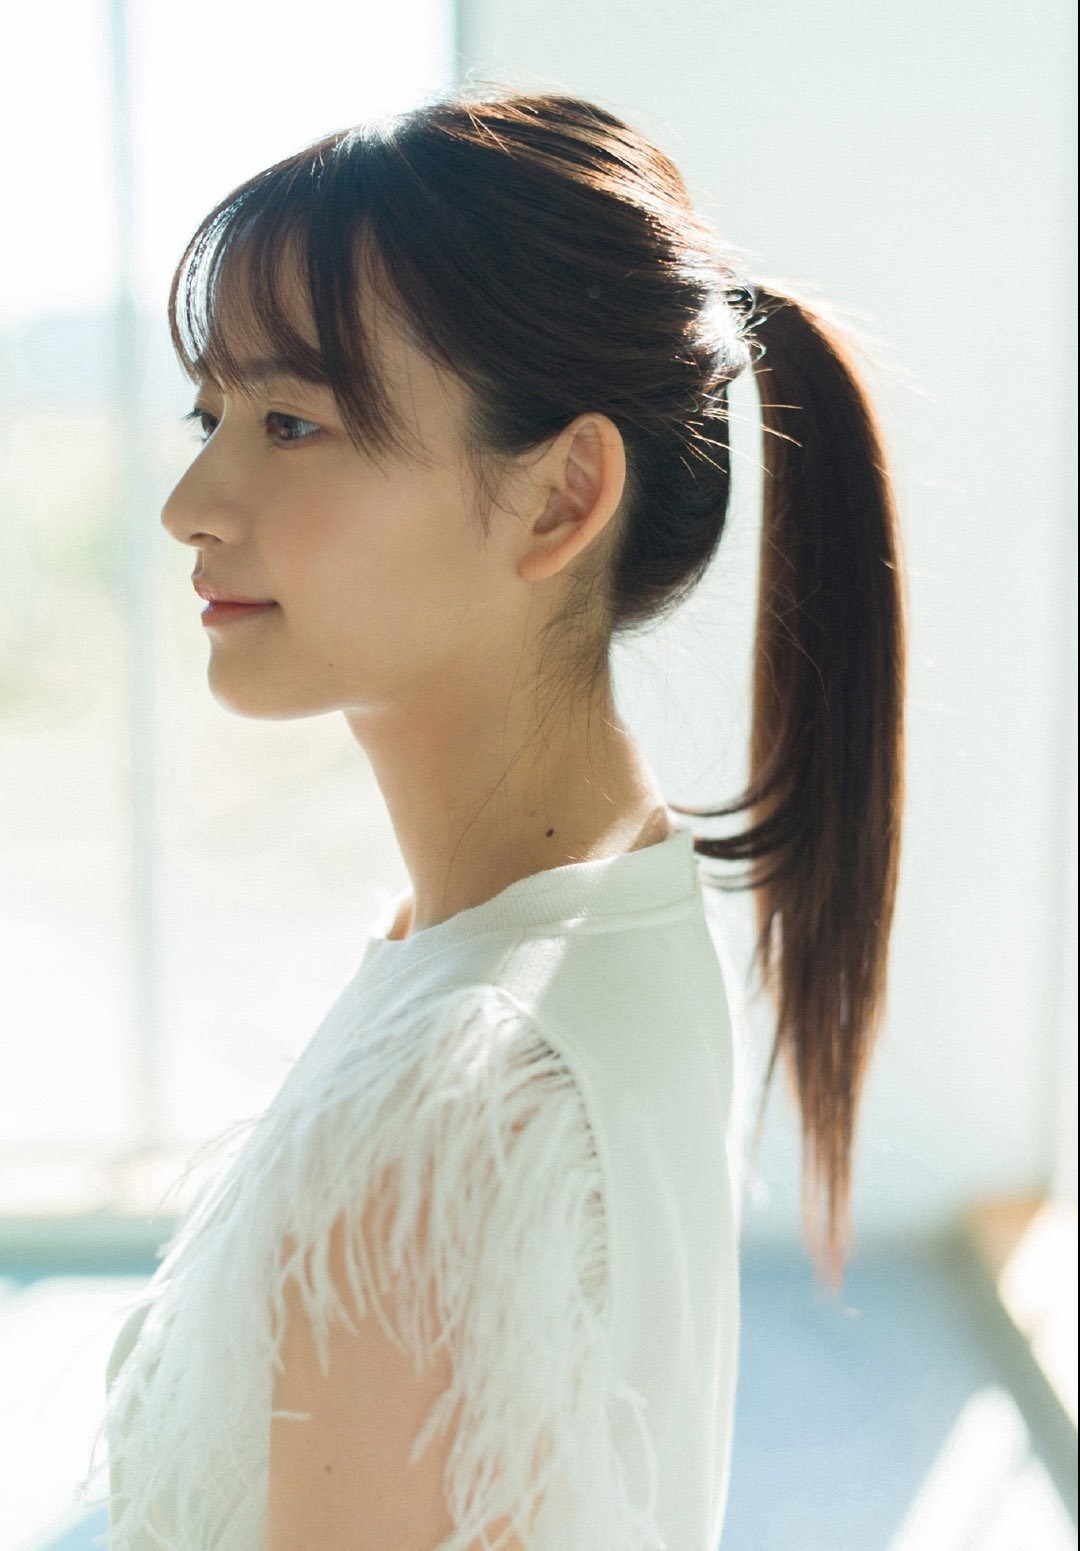 金川纱耶 网络美女 第3张